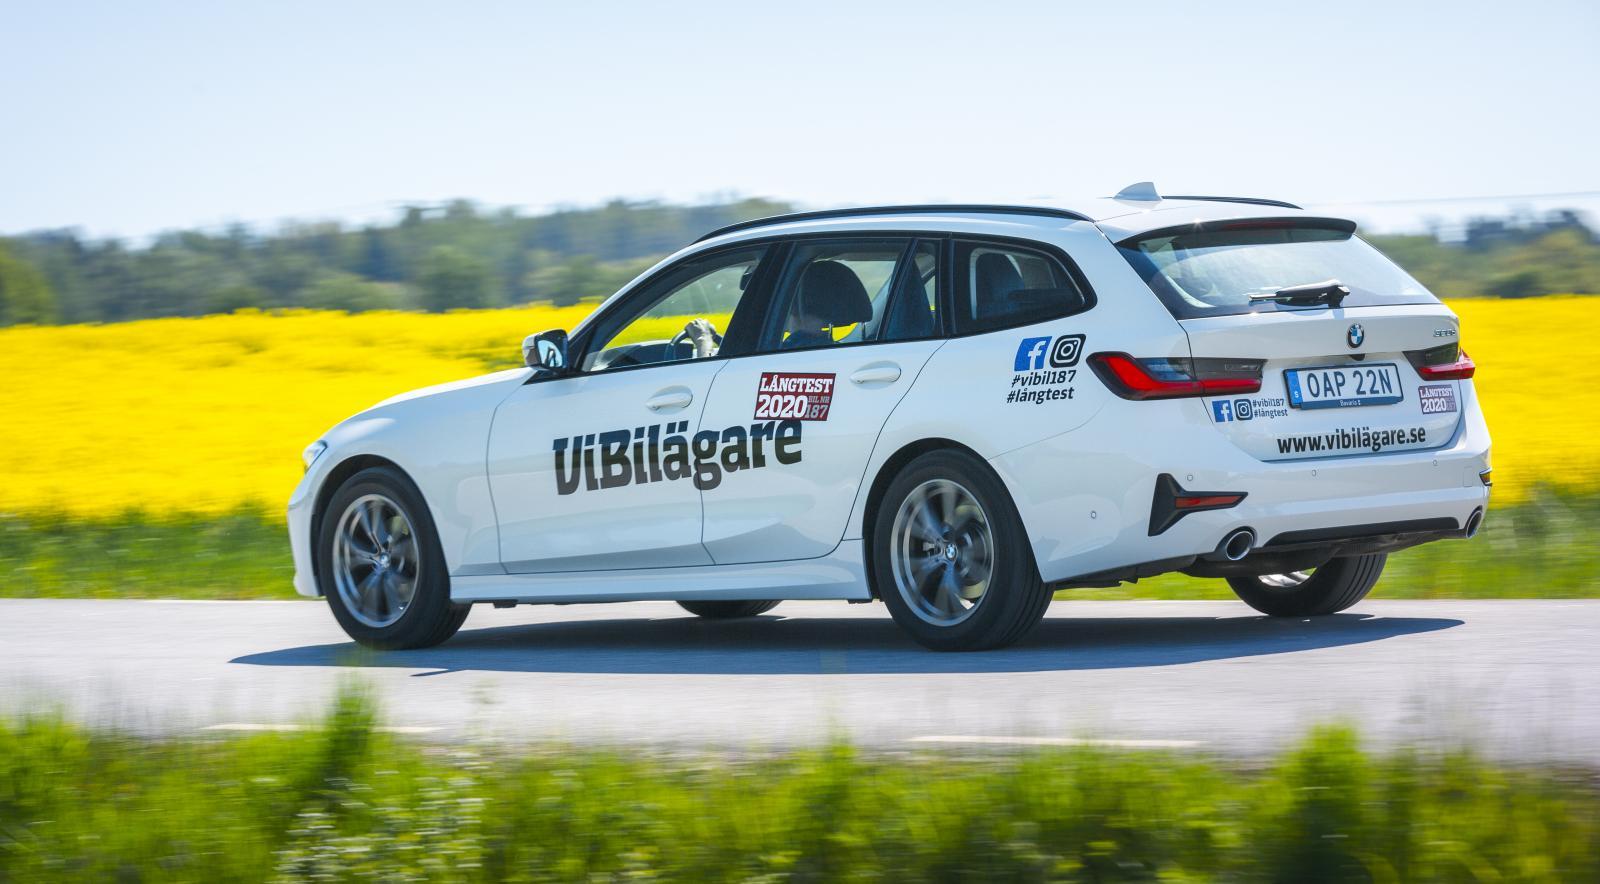 En BMW 3-serie med dieselmotor kostar över 7 000 kronor om året att skatta enligt det nya förslaget, under de första tre åren. Ökningen jämfört med i dag är 1 600 kronor om året.